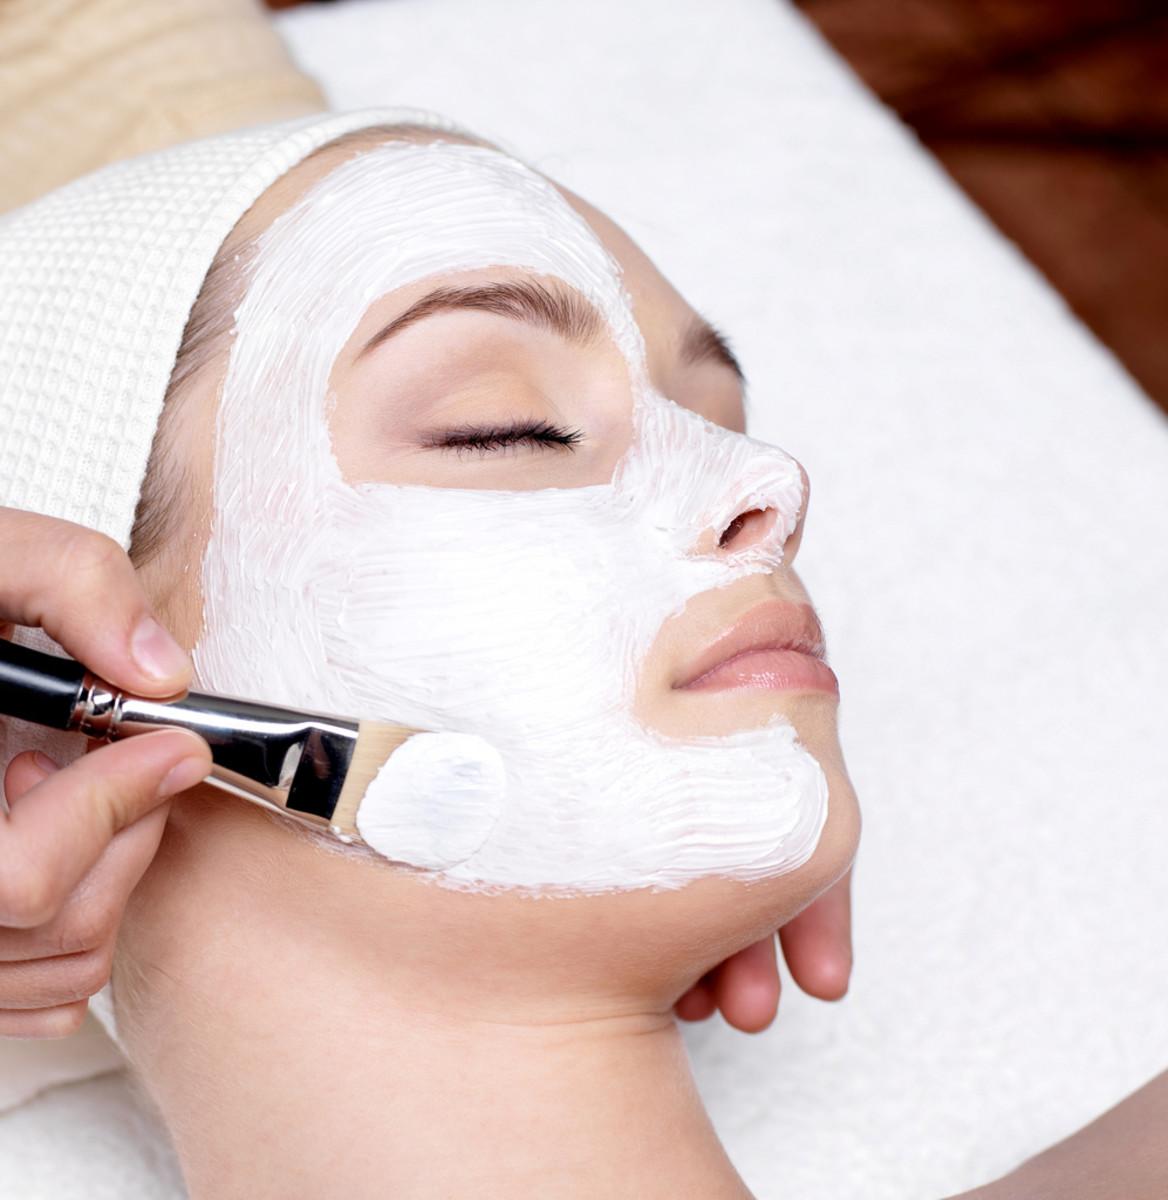 Homemade Skin Whitening Face Masks